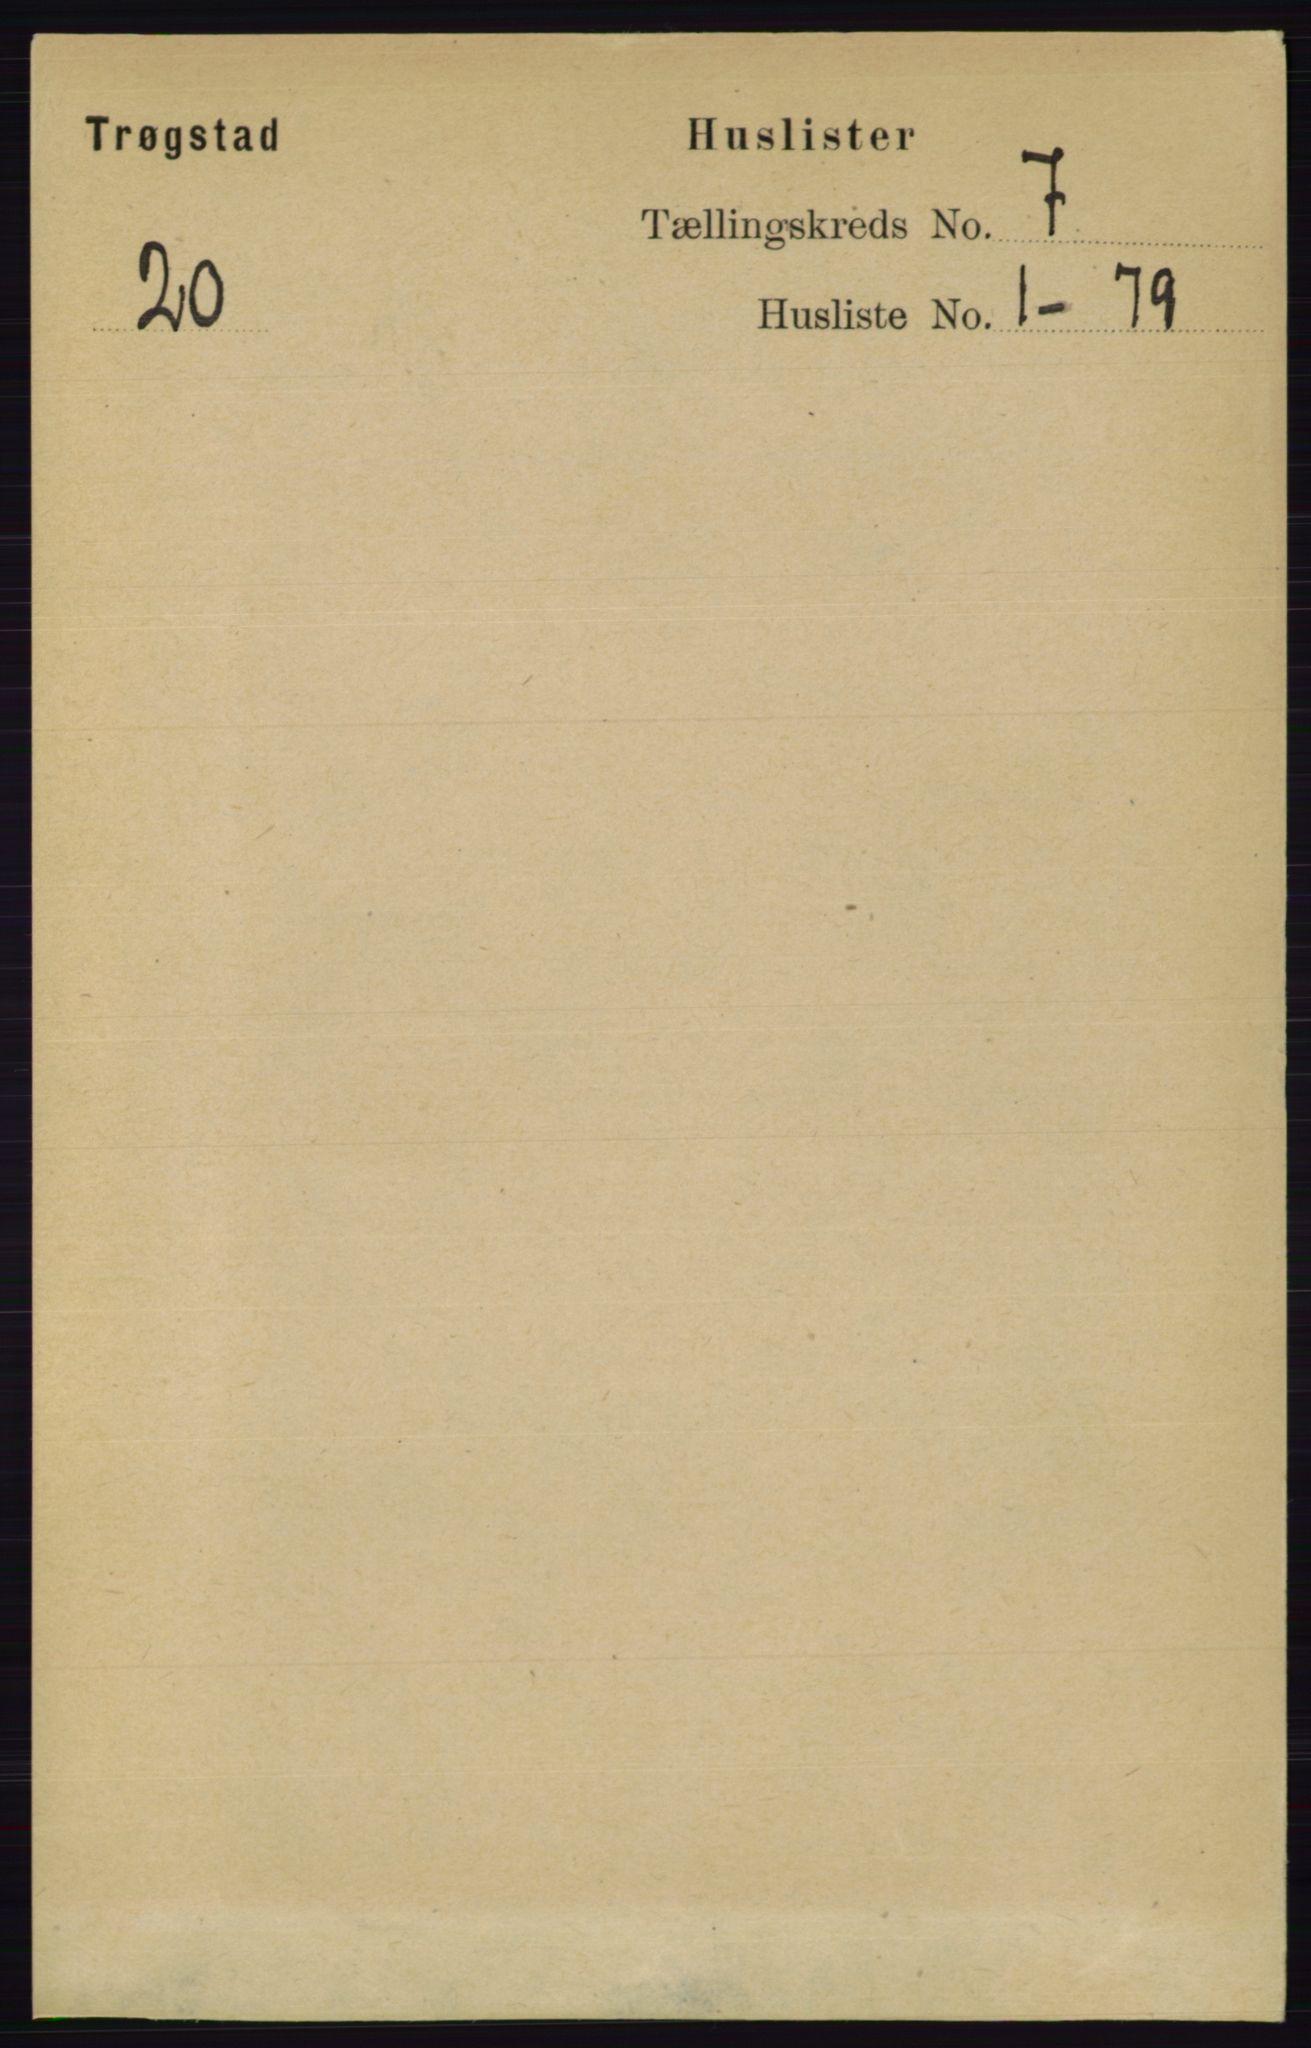 RA, Folketelling 1891 for 0122 Trøgstad herred, 1891, s. 2840